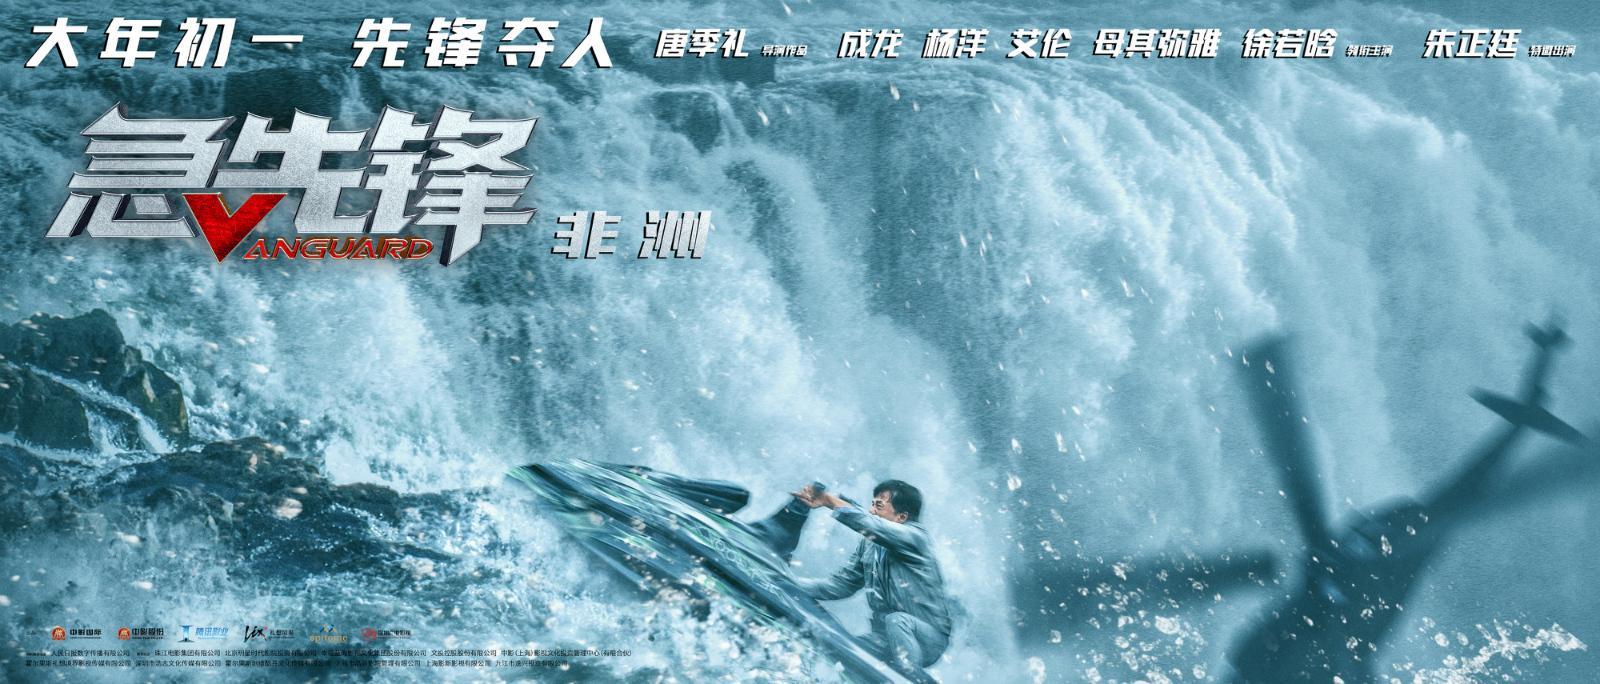 《急先锋》大年初一全国上映 CINITY助战成龙式动作冒险大片插图(1)